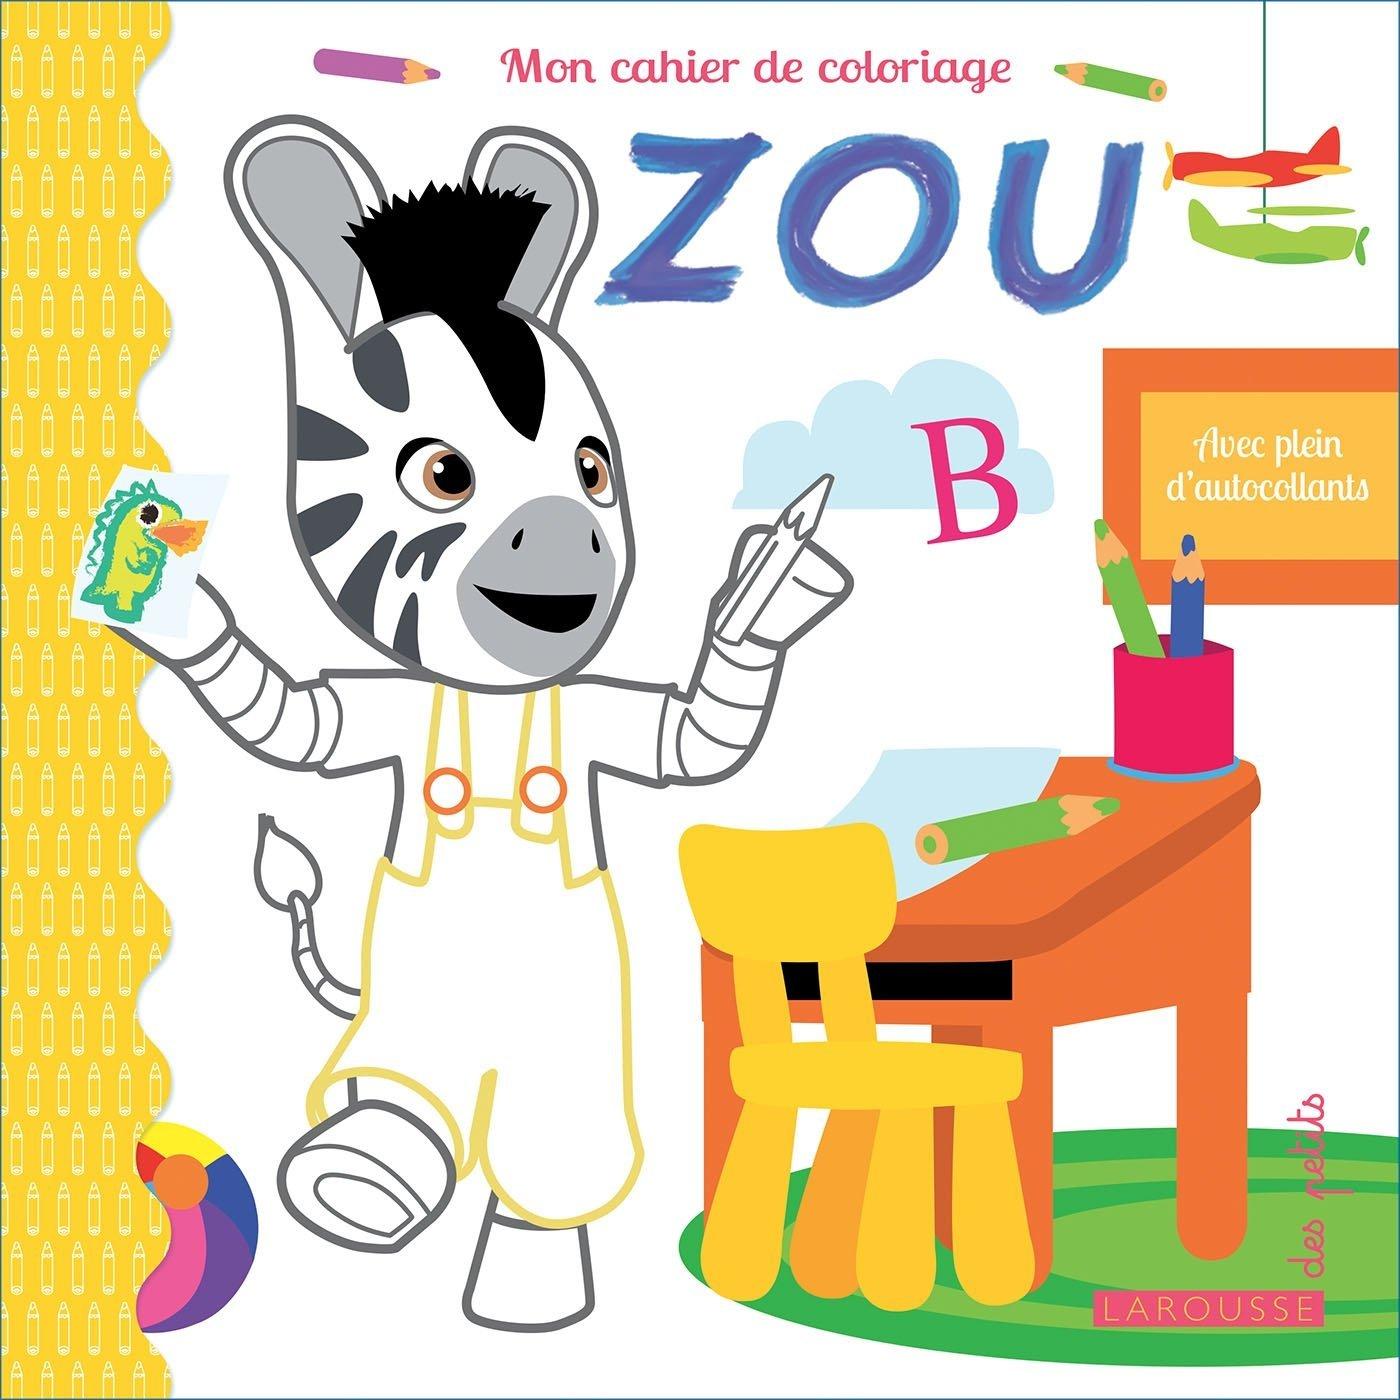 Mon Carnet De Coloriages Zou By Michel Gay dedans Zou Coloriage